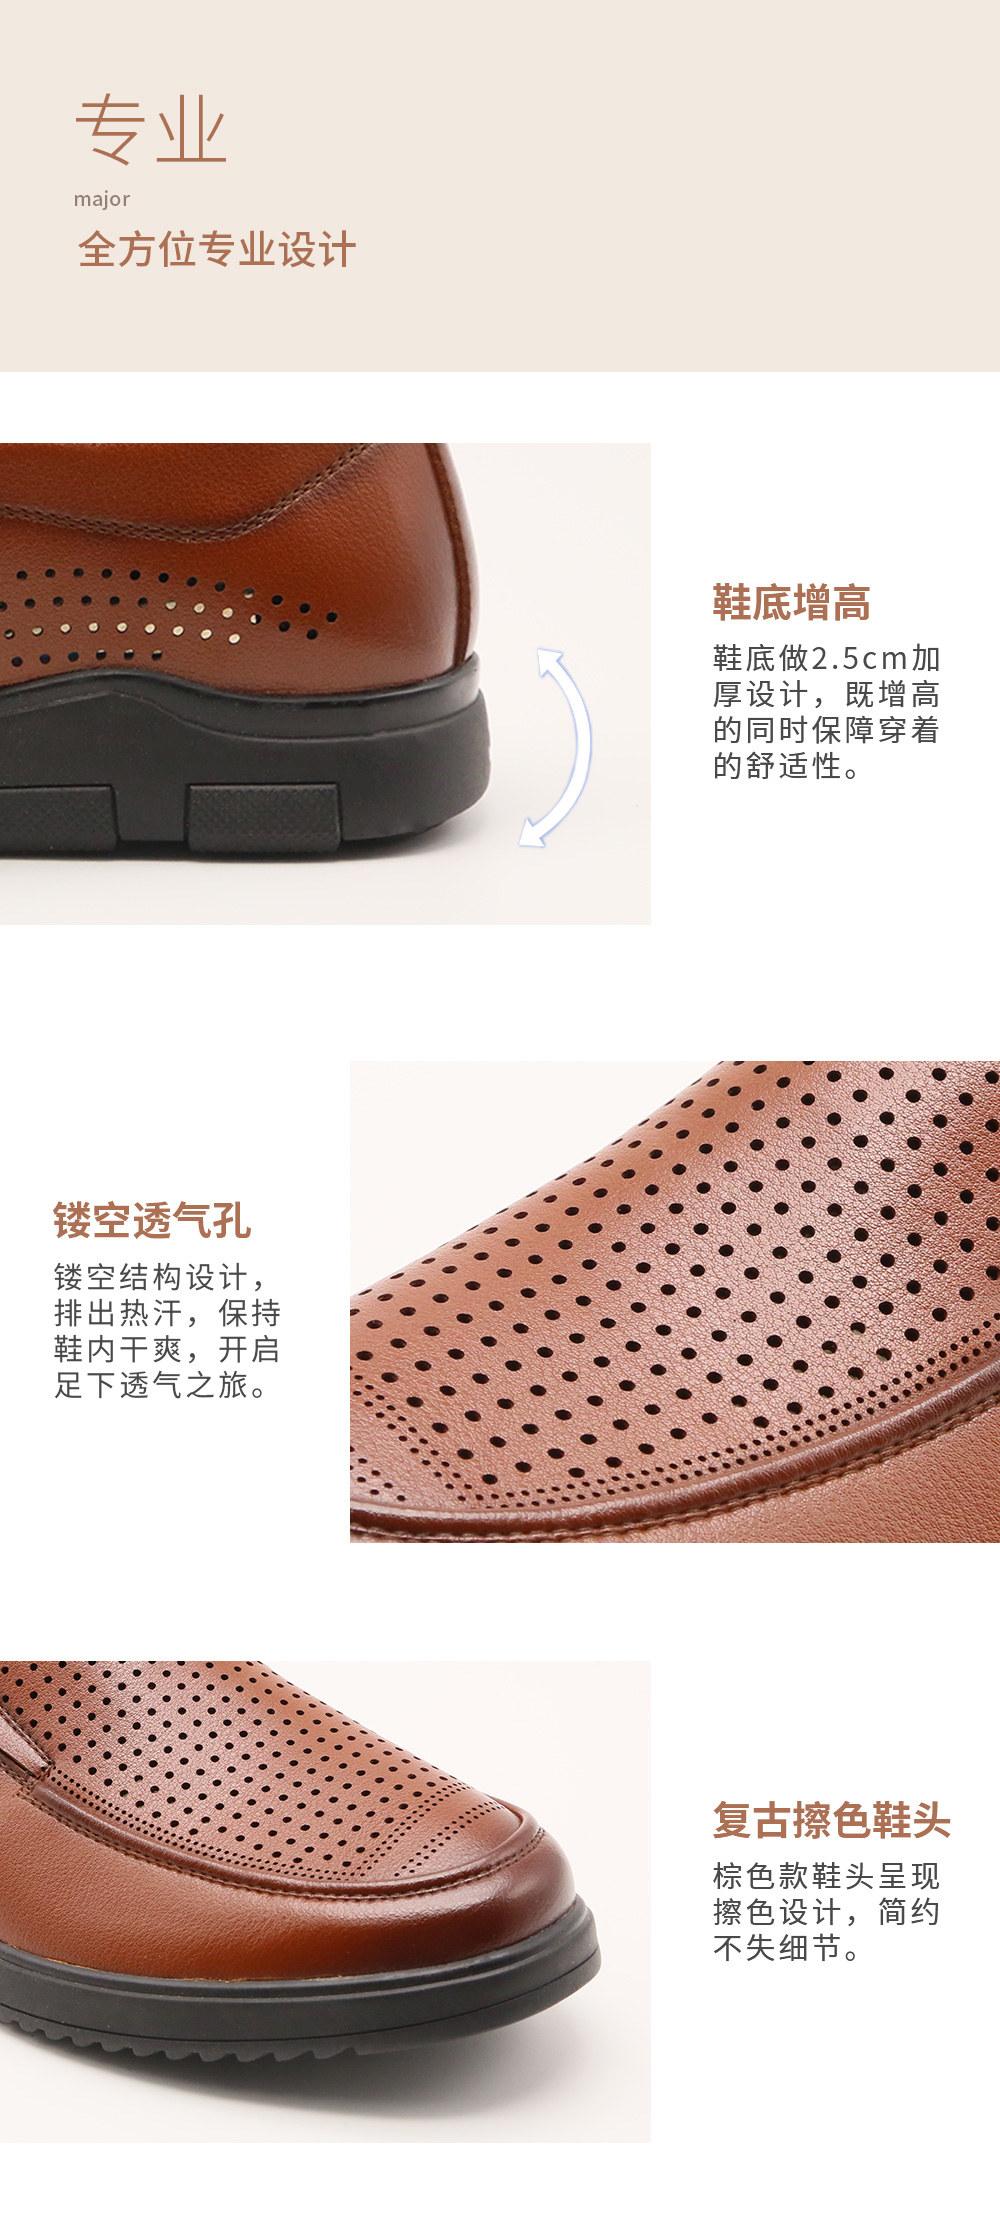 福连升商务男凉鞋 清凉大孔透气防水男鞋图片